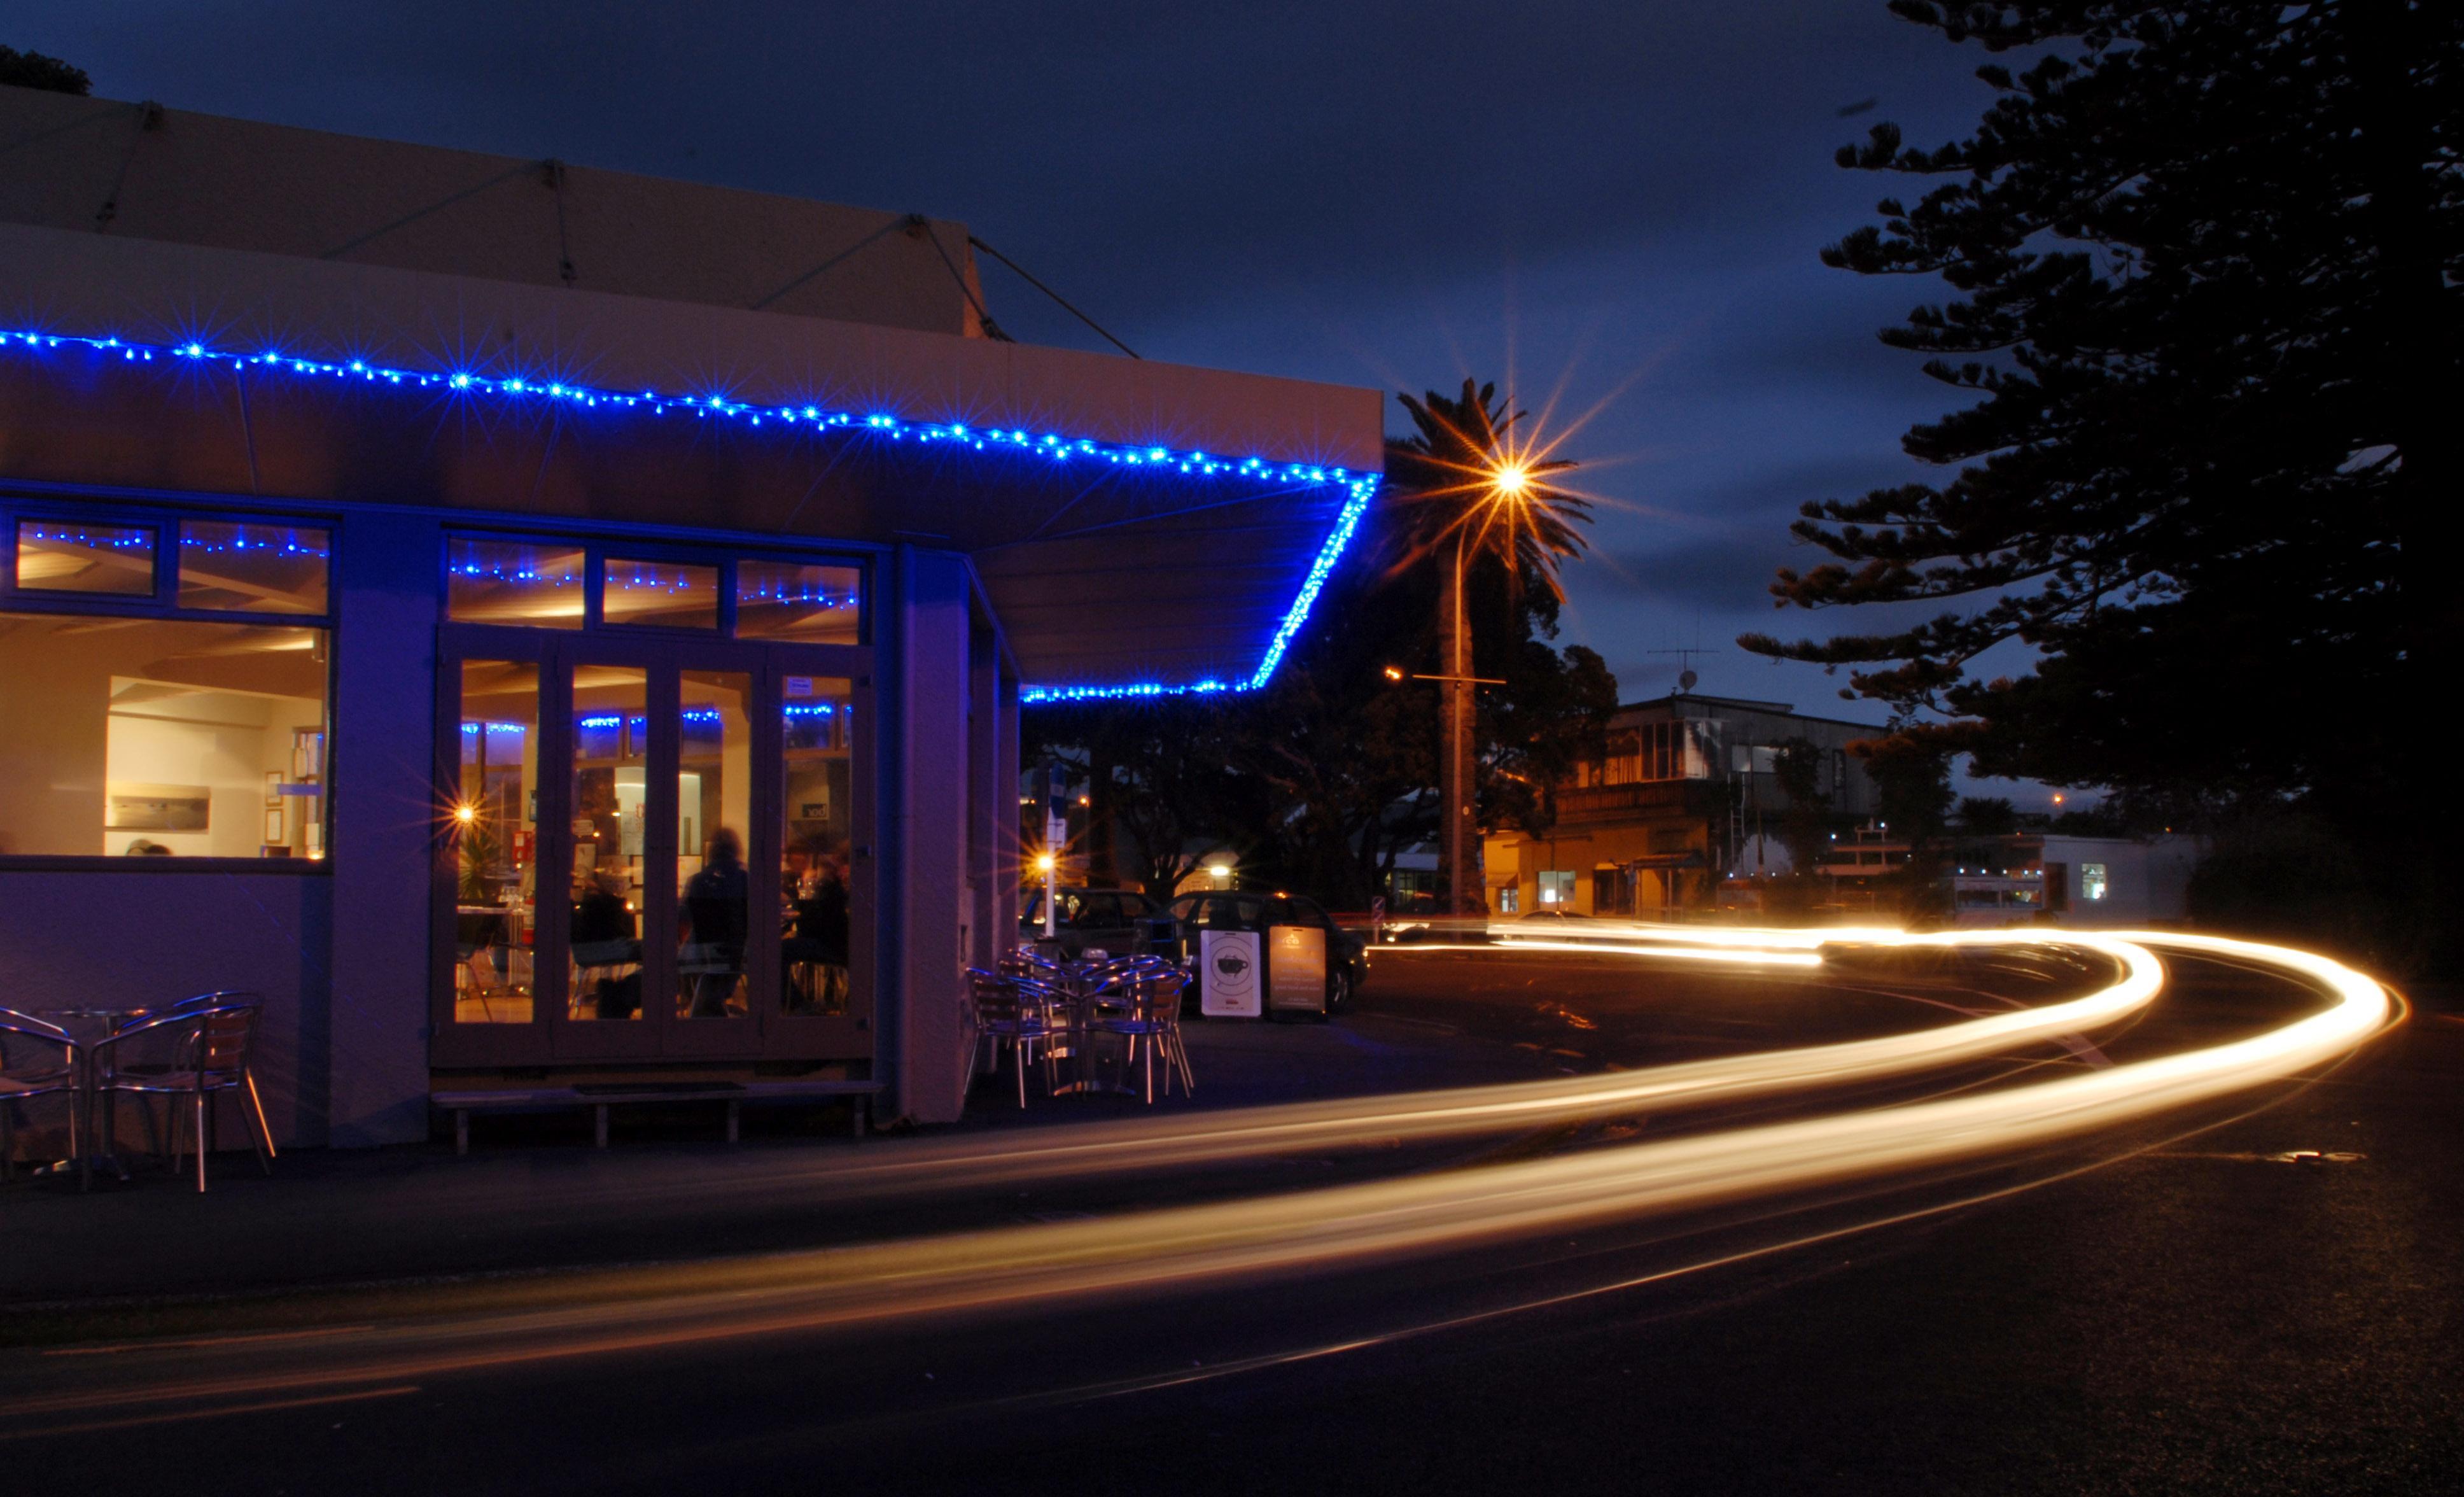 Orca Restaurant and Bar